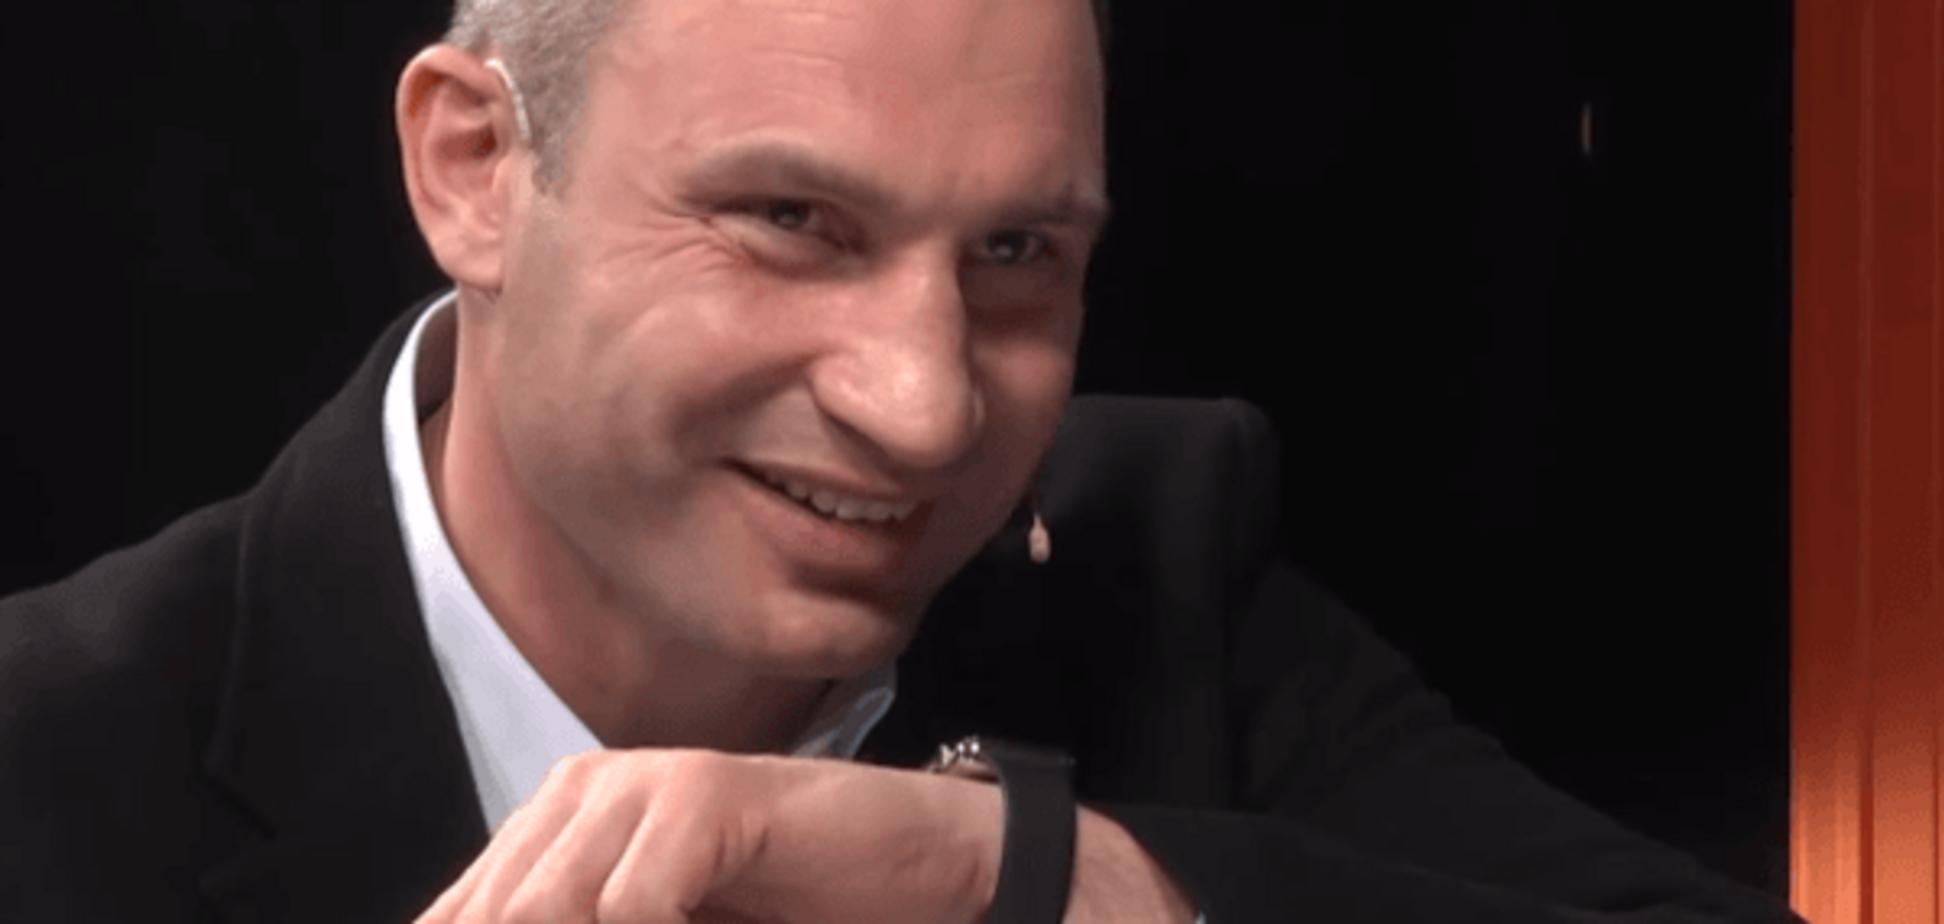 'Міша, гамарджоба!': Кличко поговорив з Саакашвілі по годинах. Відеофакт